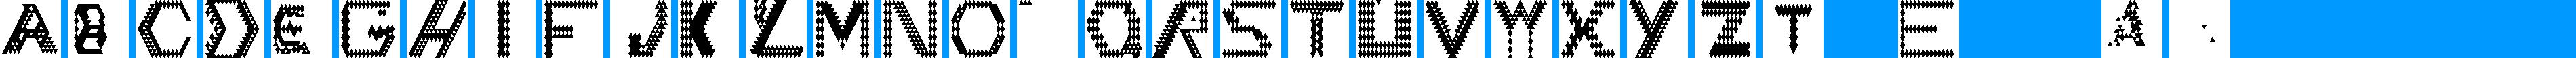 Particip-a-type v.189